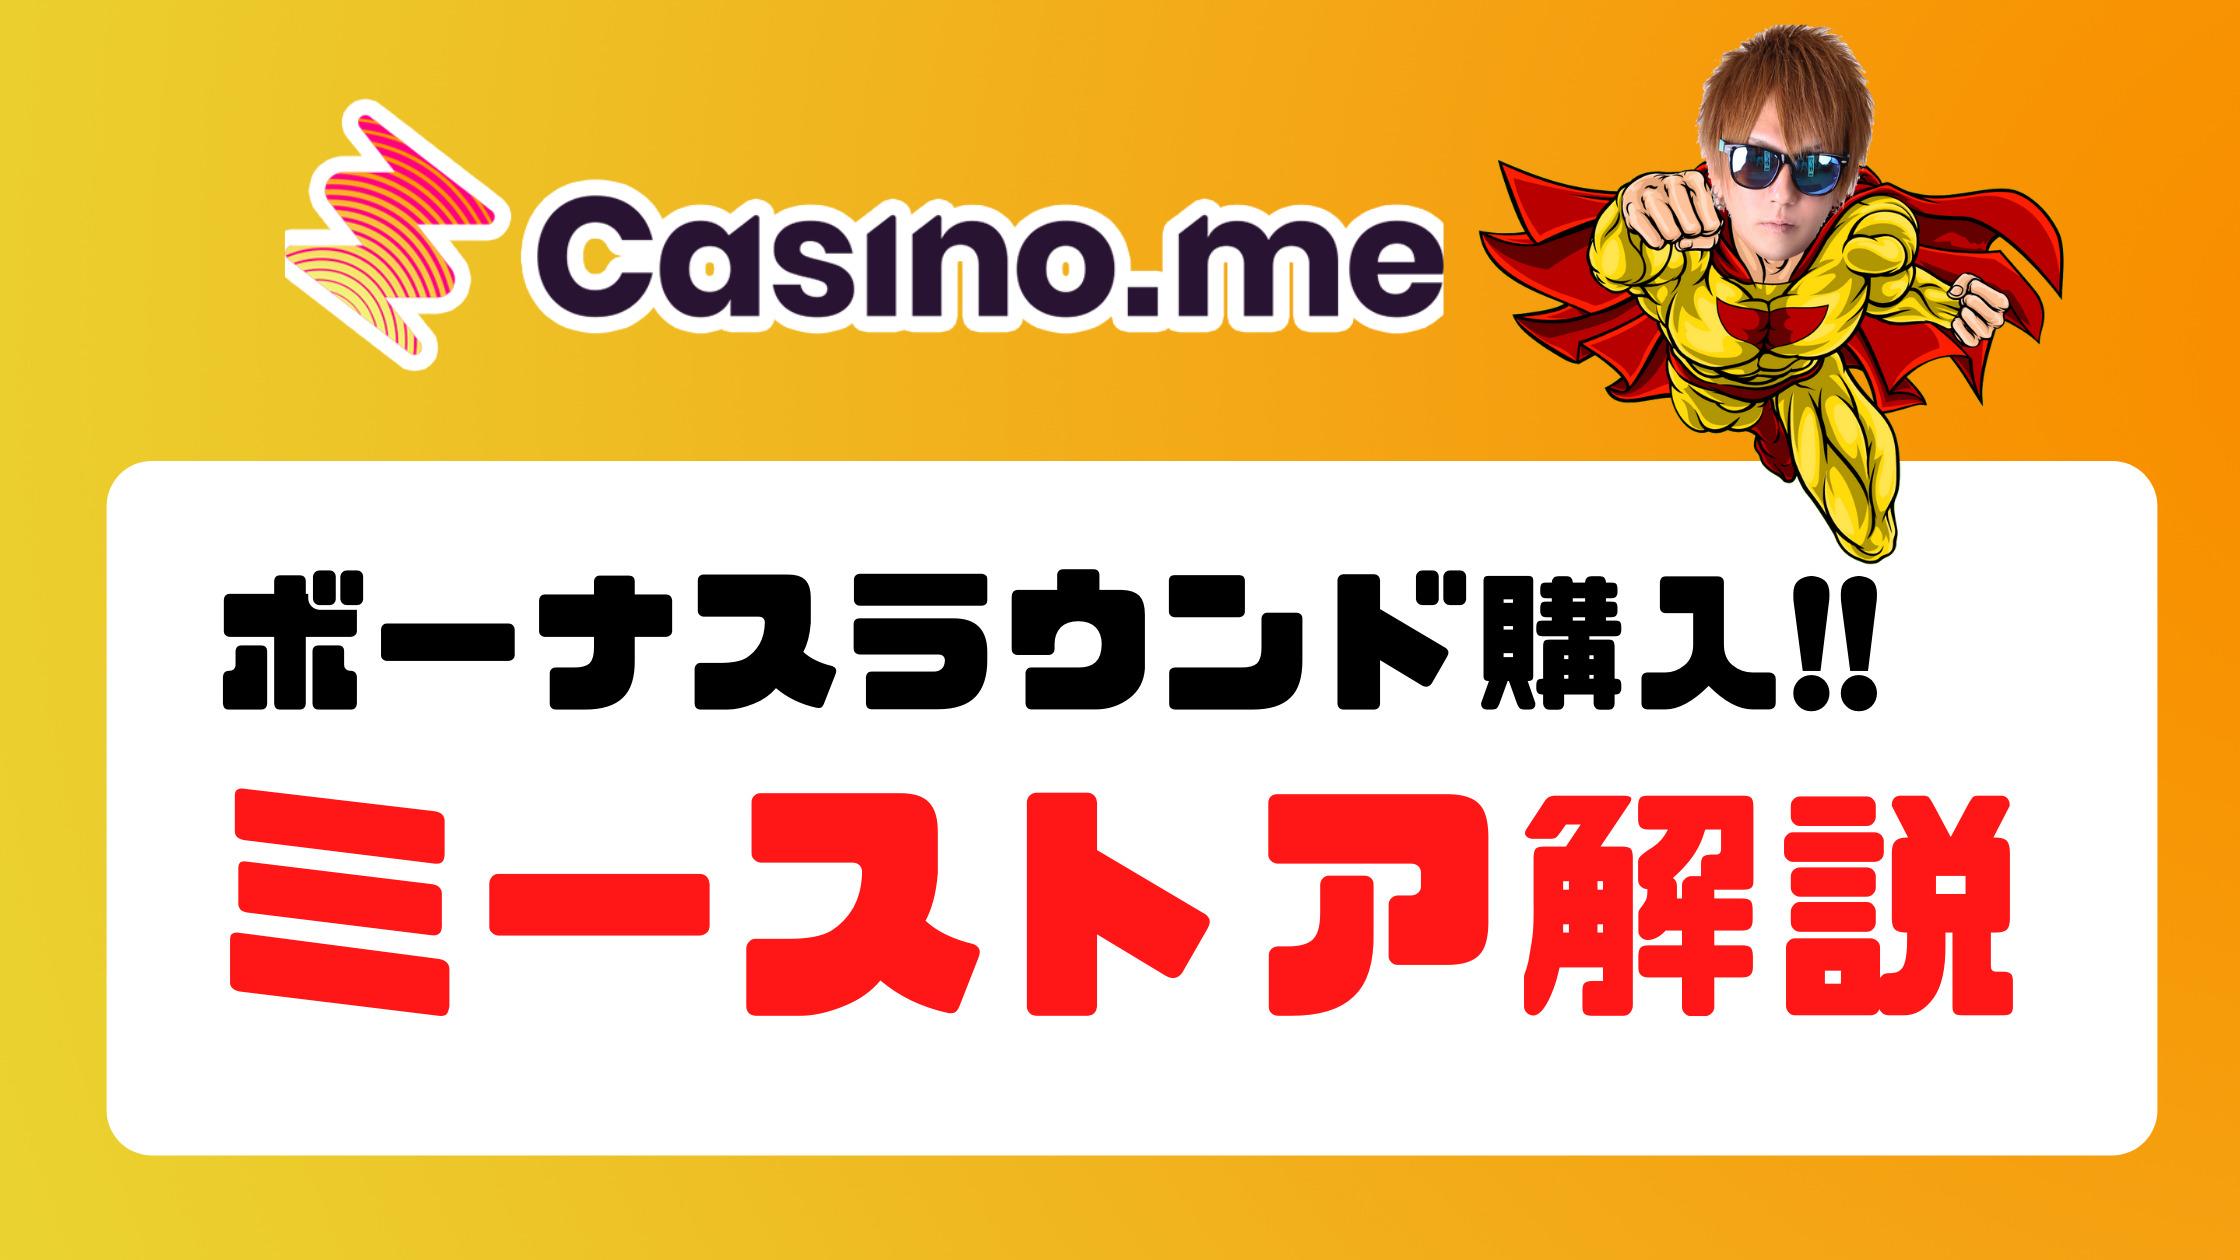 【カジノミー 】ボーナスラウンド購入可能なミーストアを解説!